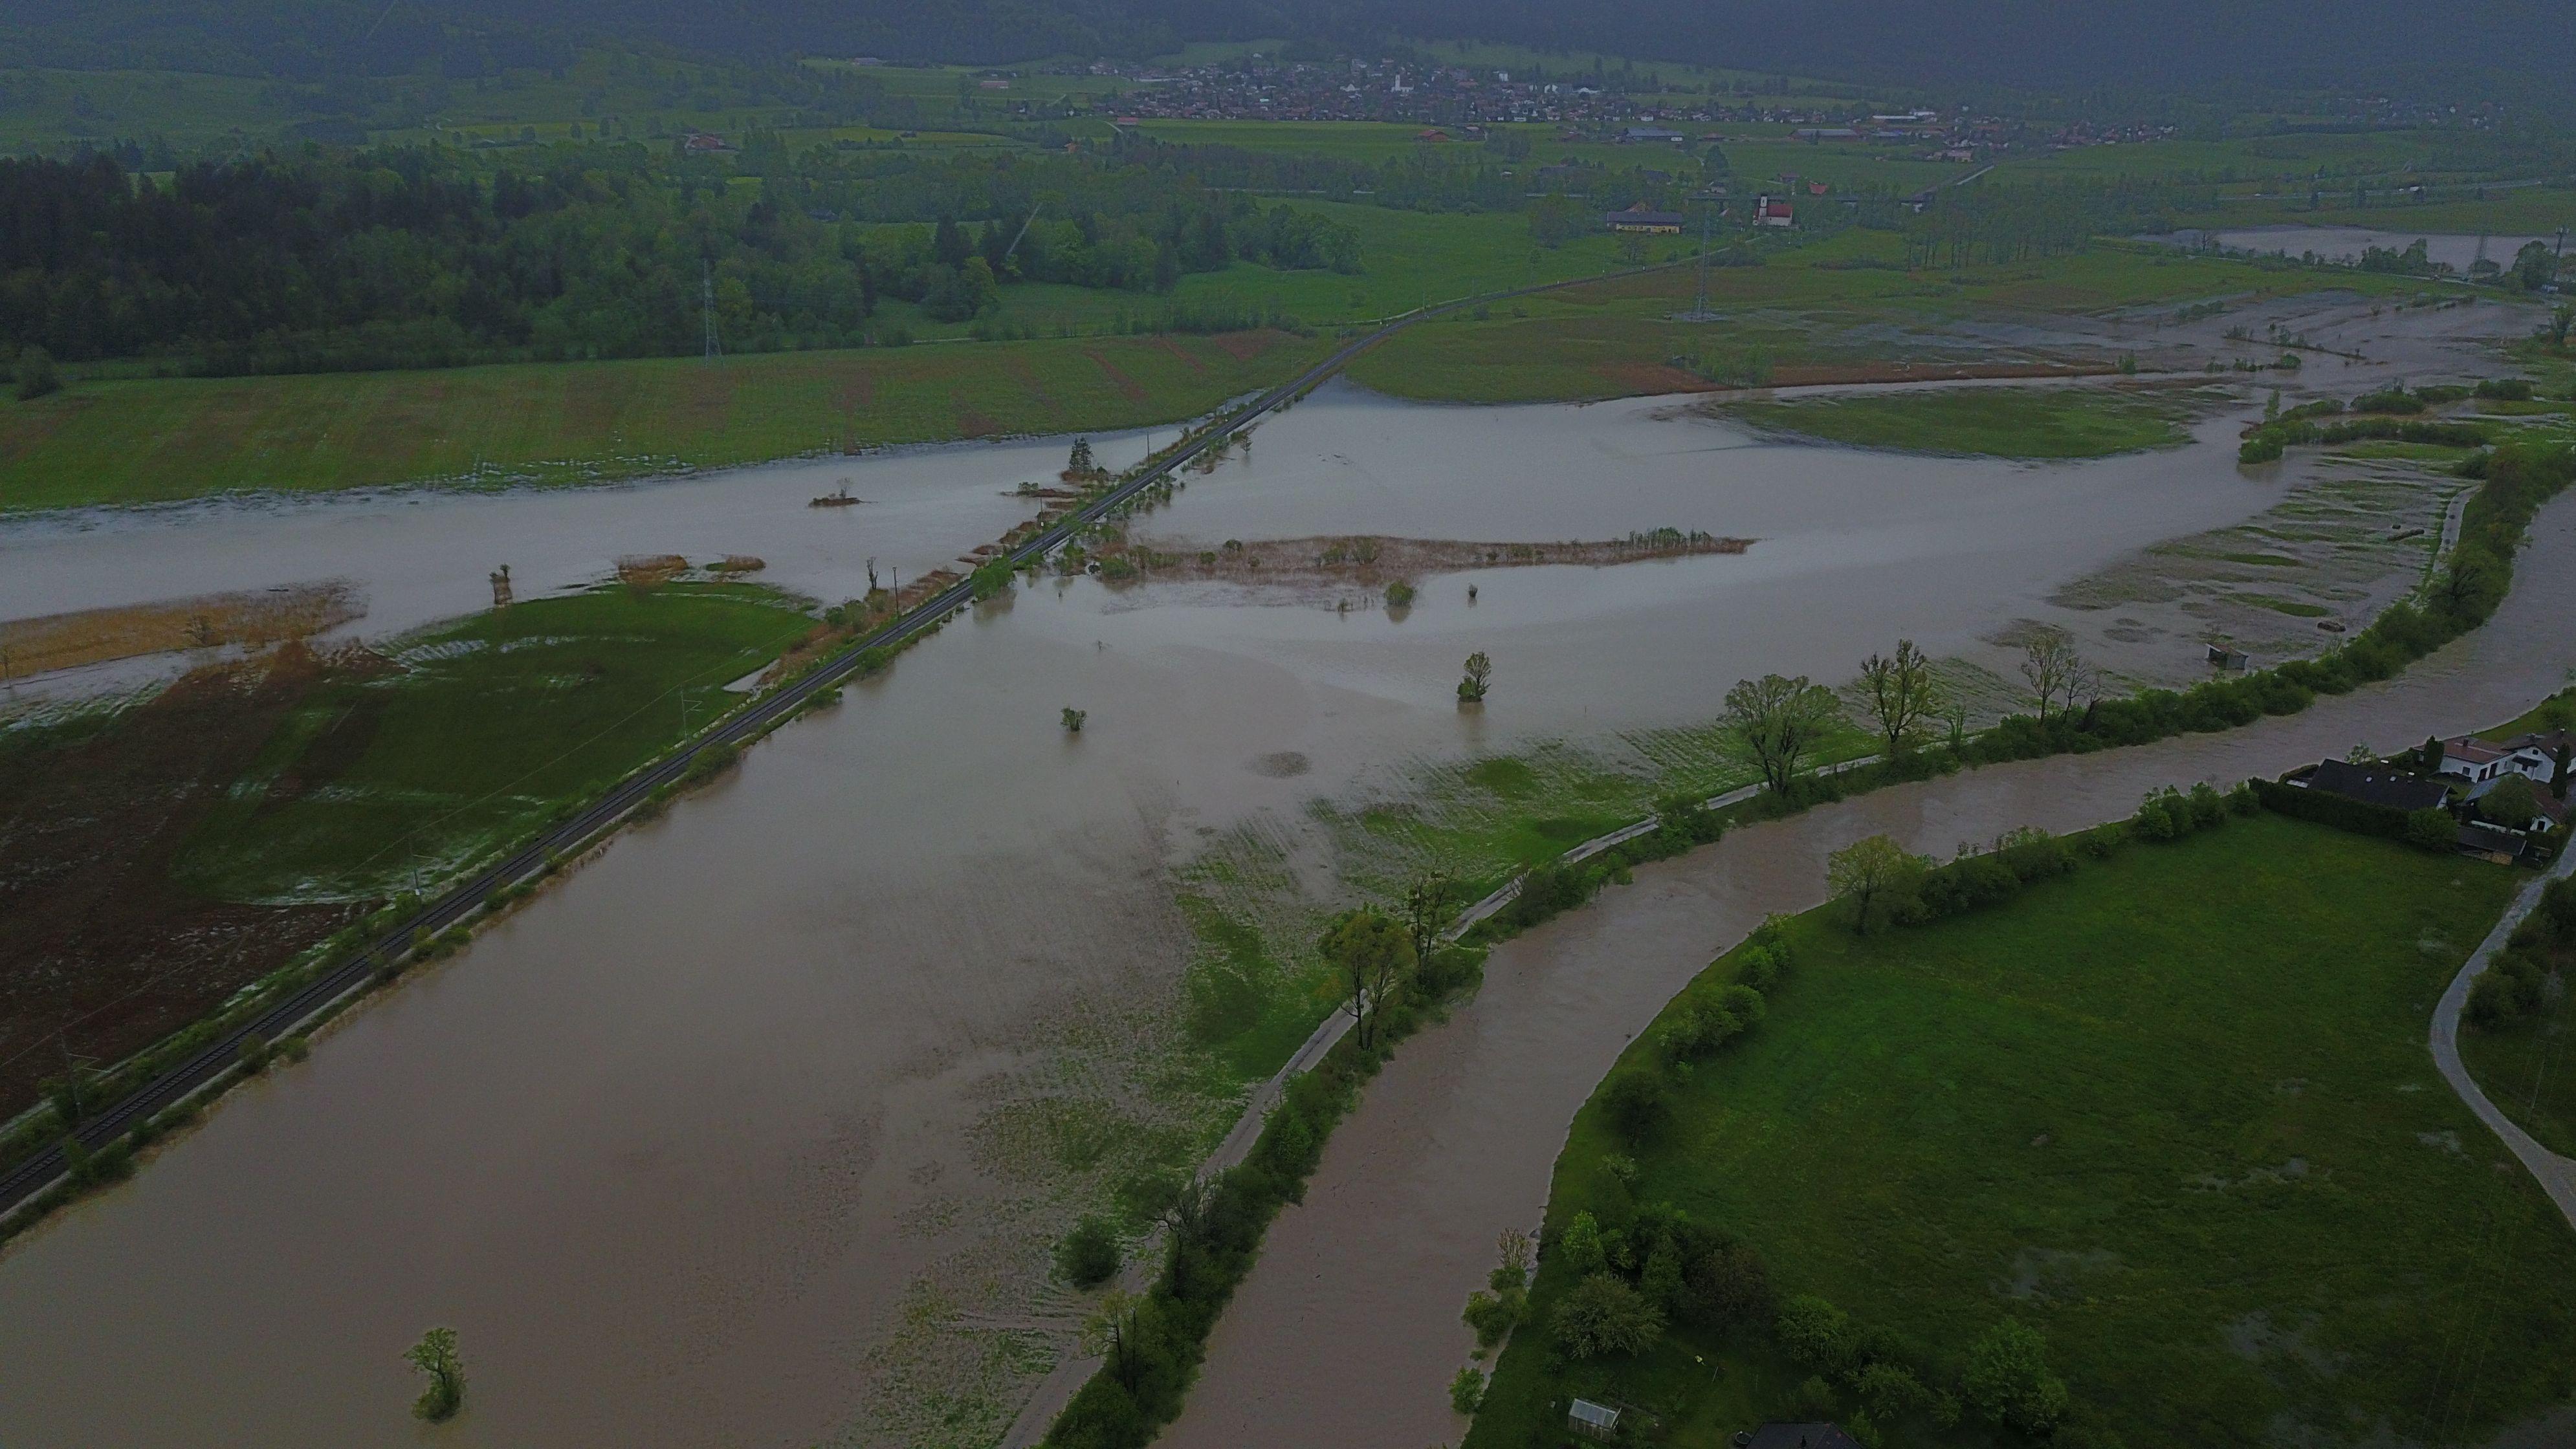 Luftbild: Überflutungen im Murnauer Moos